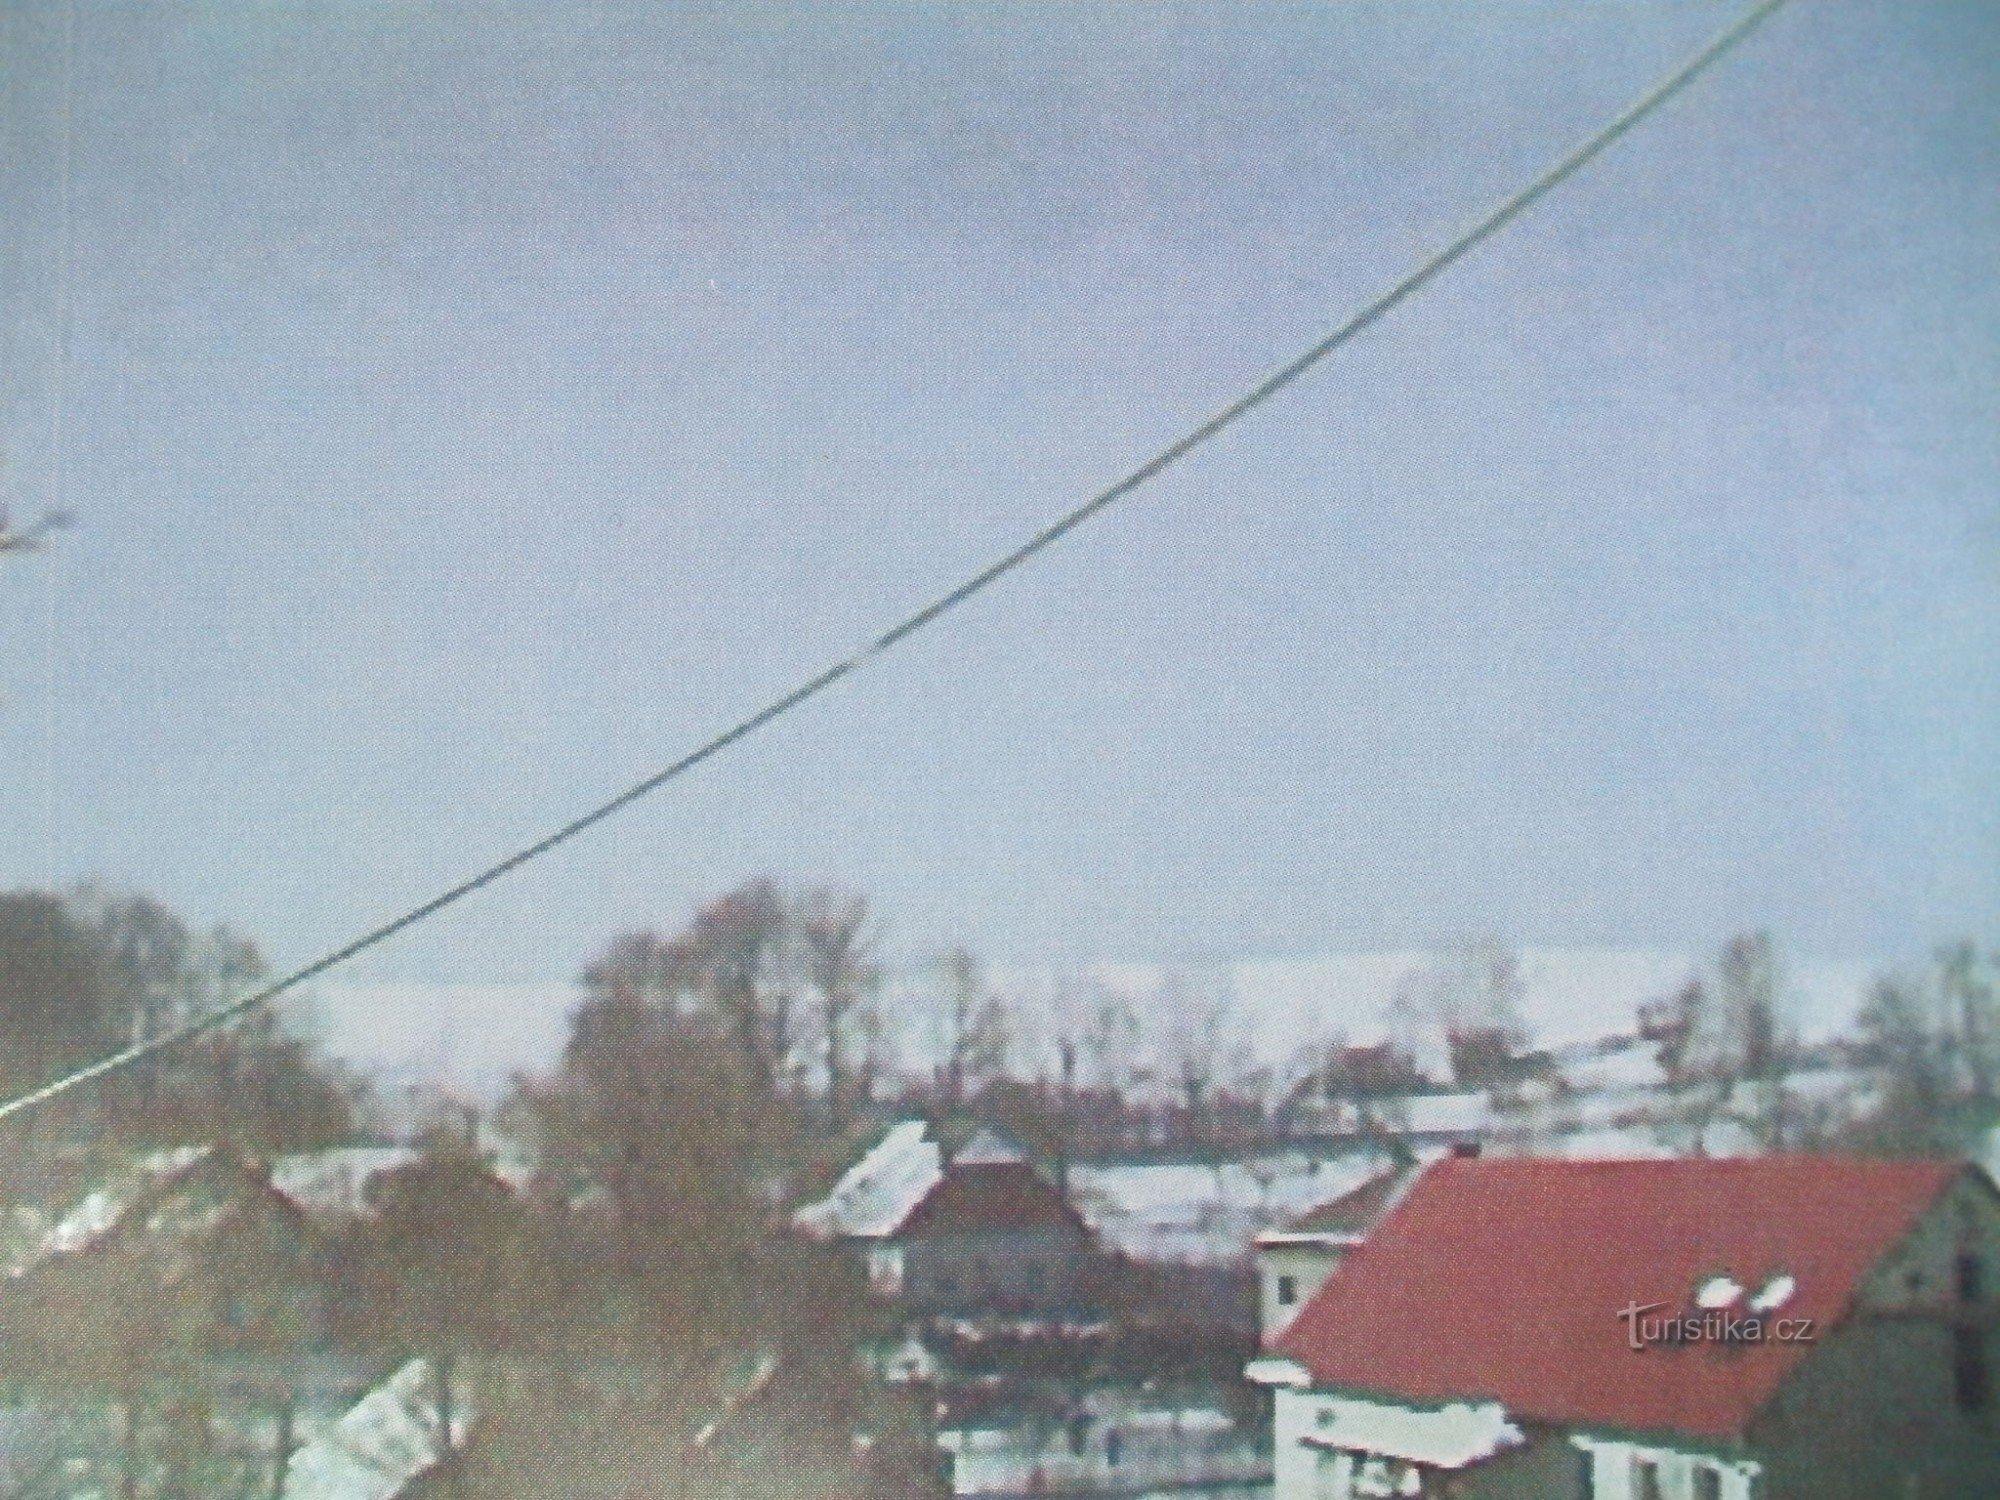 Webkamera - Lukavice u Rychnova nad Kněžnou